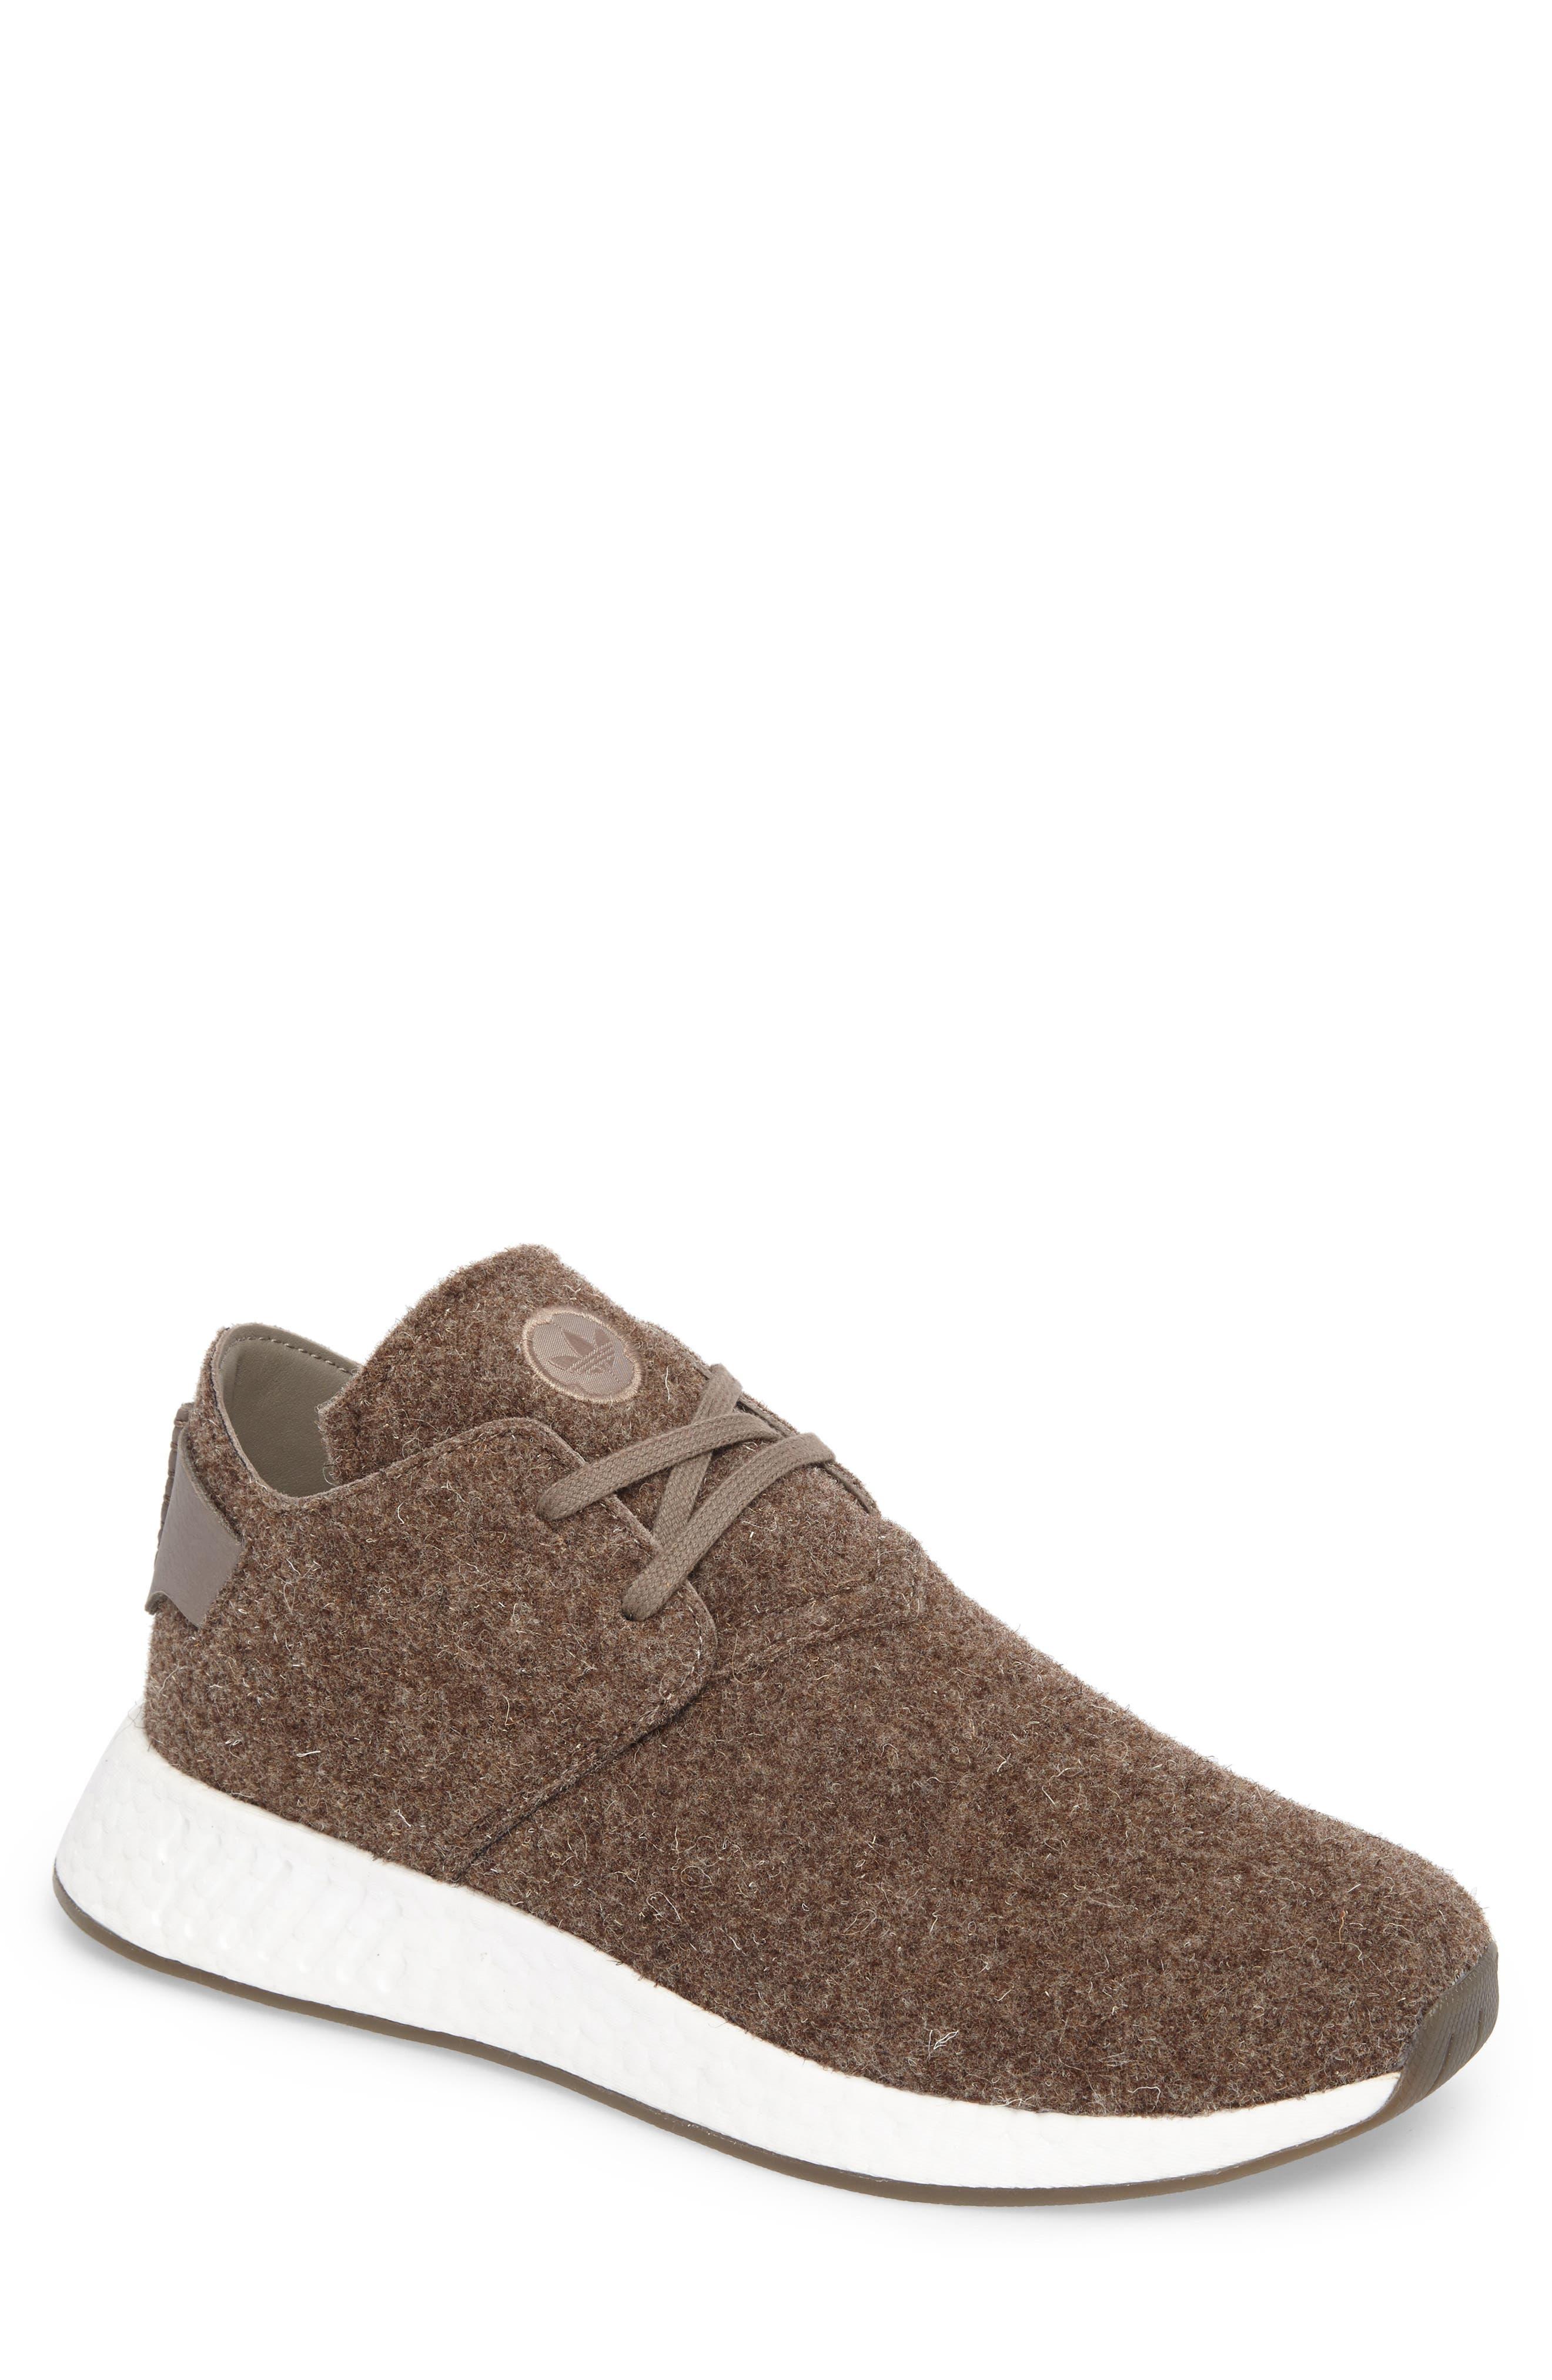 NMD C2 Sneaker (Men0,                             Main thumbnail 1, color,